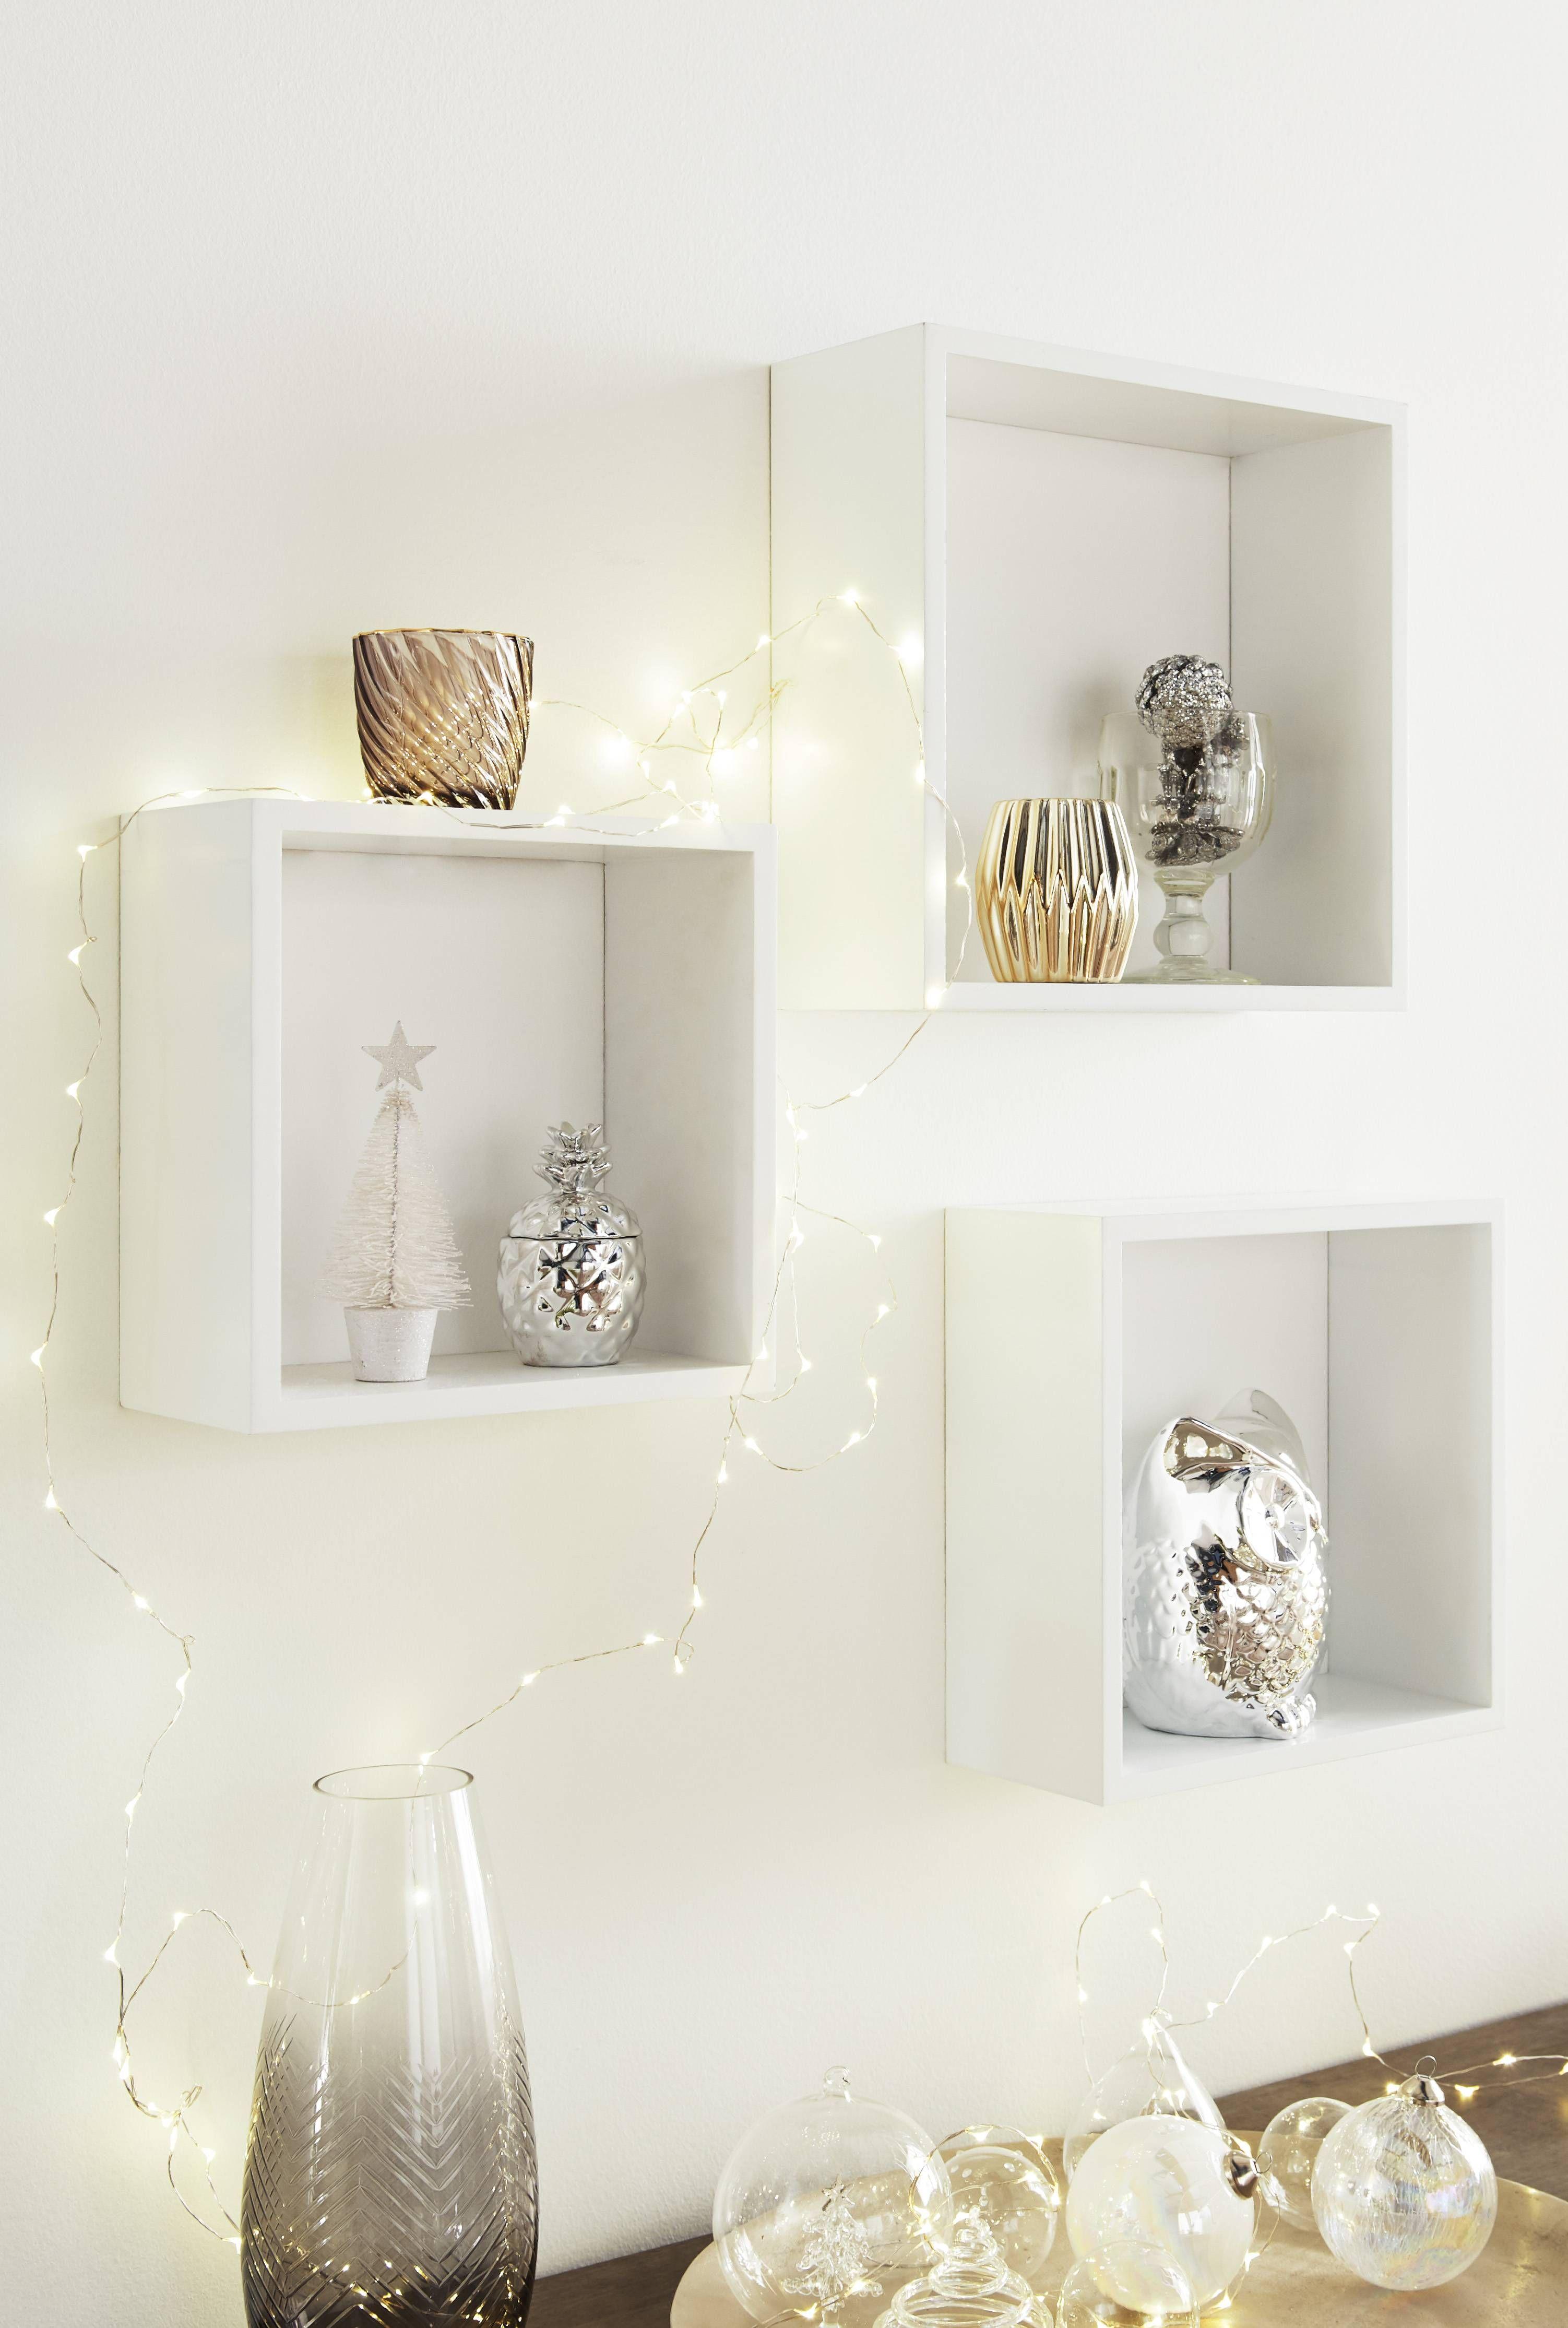 Comment Accrocher Une Guirlande Lumineuse Au Mur set de 3 étagères cubes shelvy blanc en 2020 | deco murale